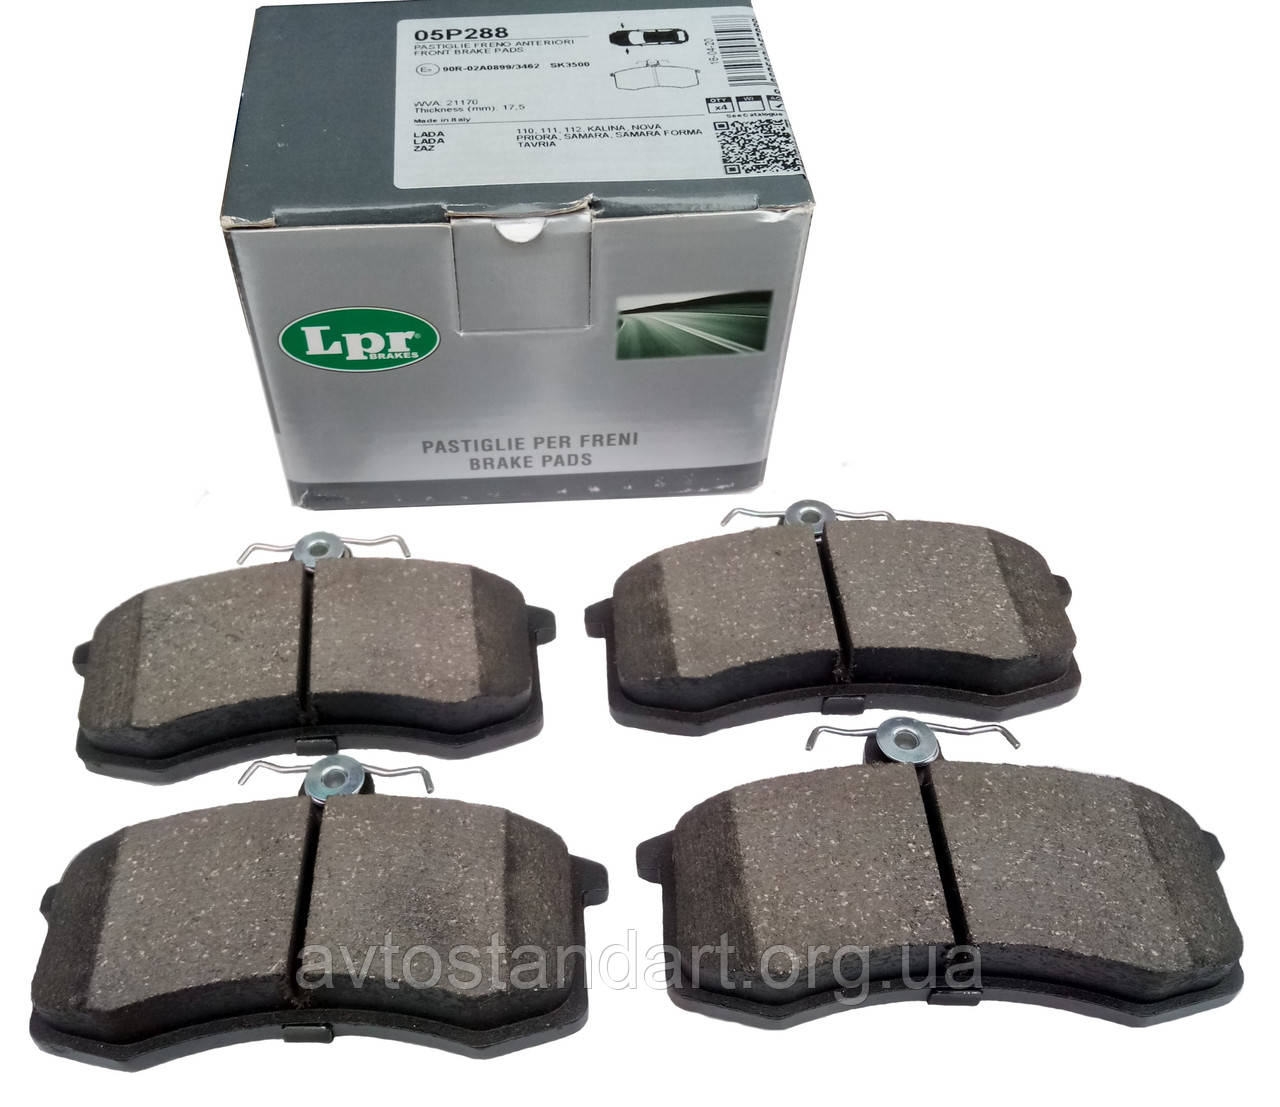 Колодки тормозные передние ВАЗ 2108-2112 LPR (Италия)